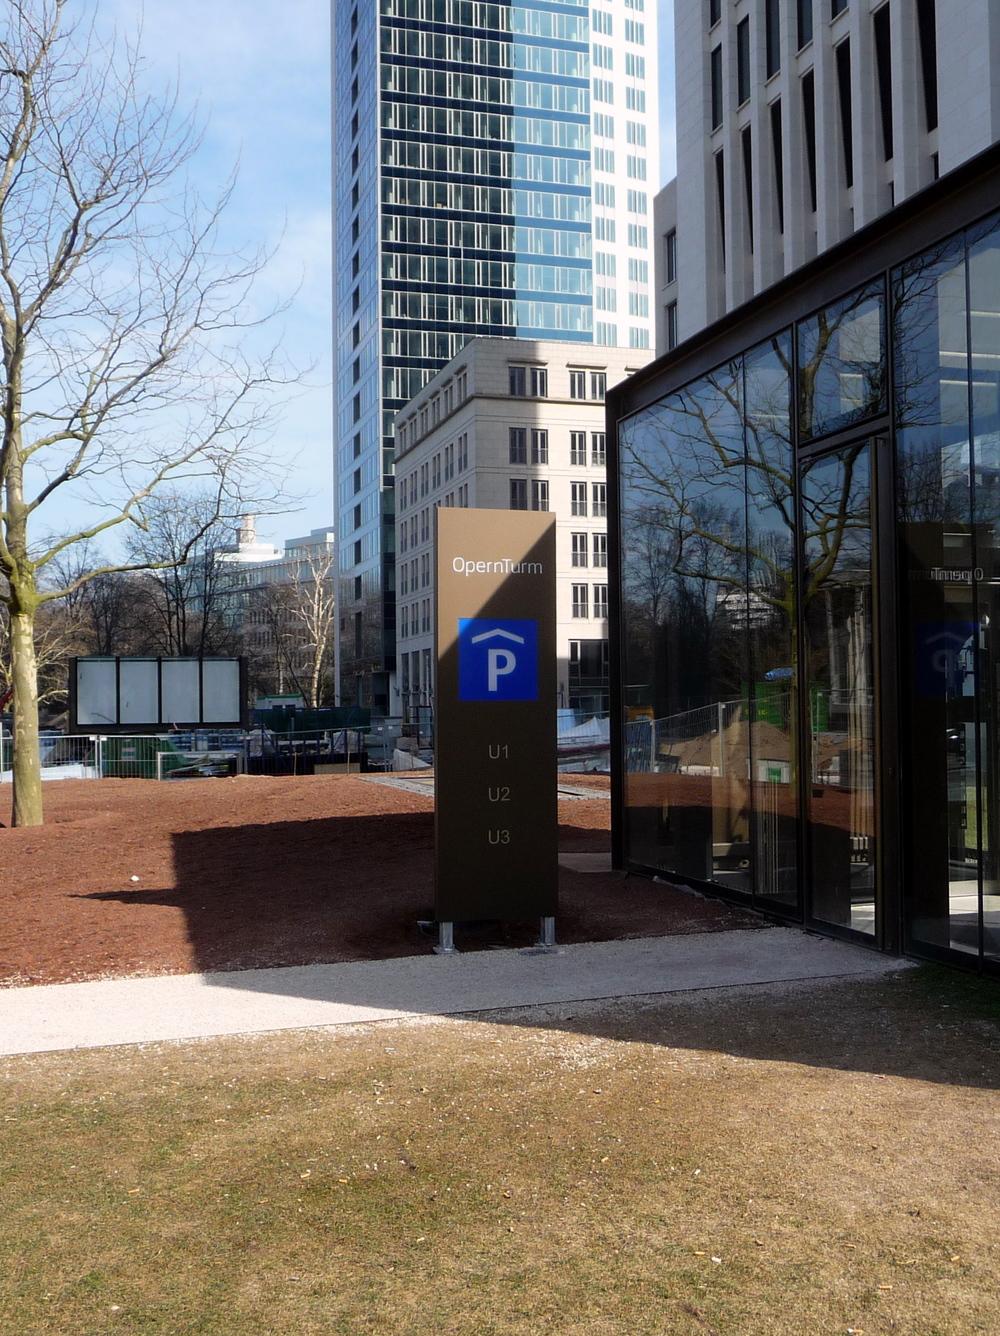 Aussenstele klein Parkhaus -Zugang.JPG